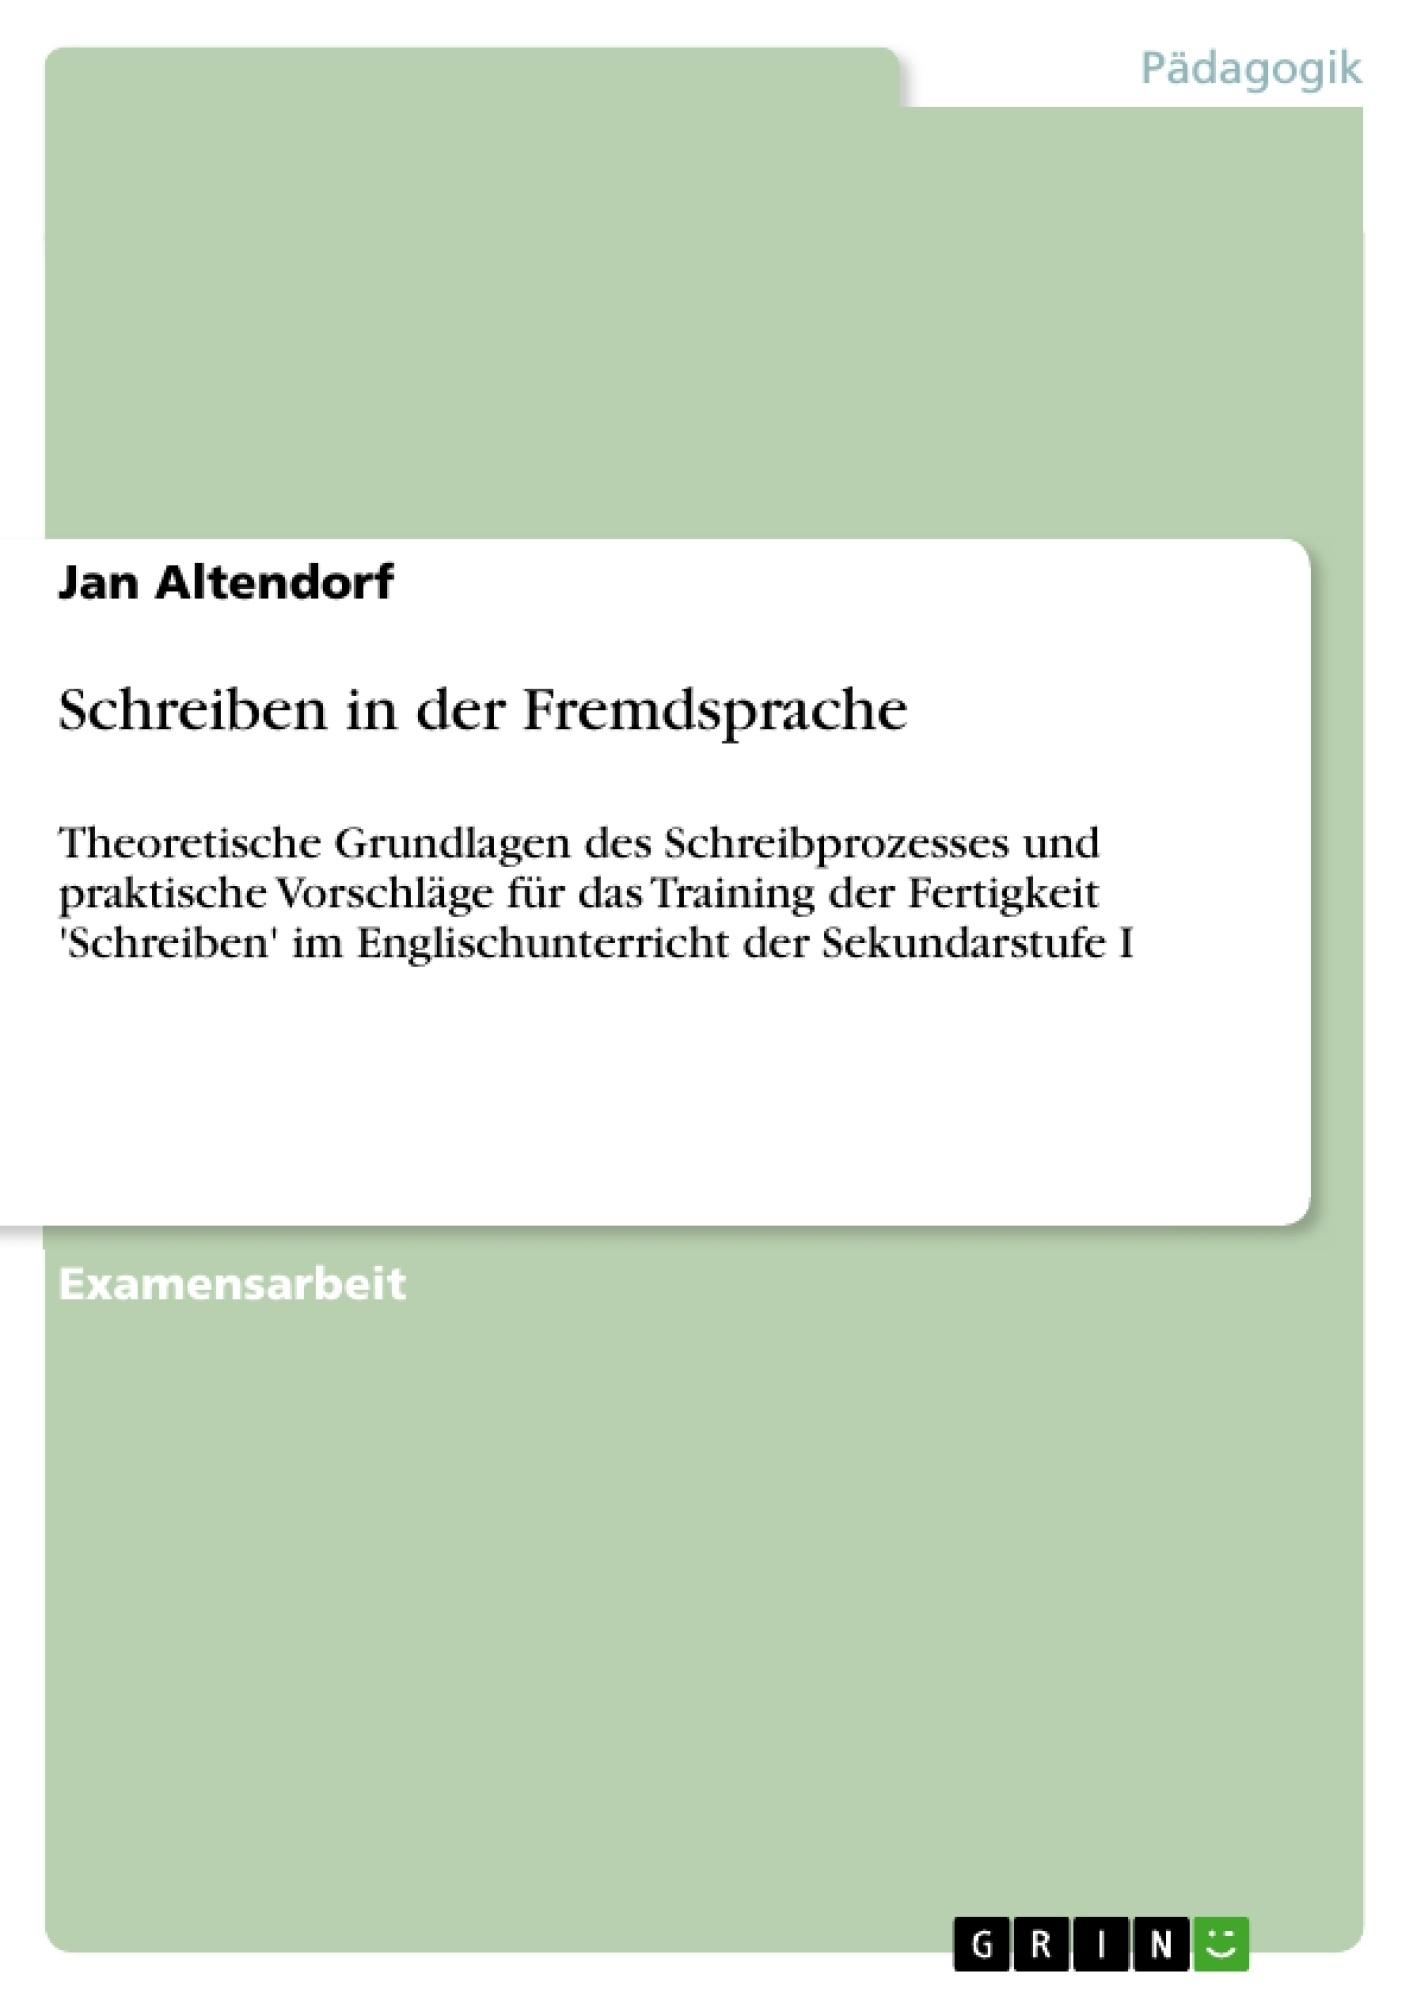 Titel: Schreiben in der Fremdsprache